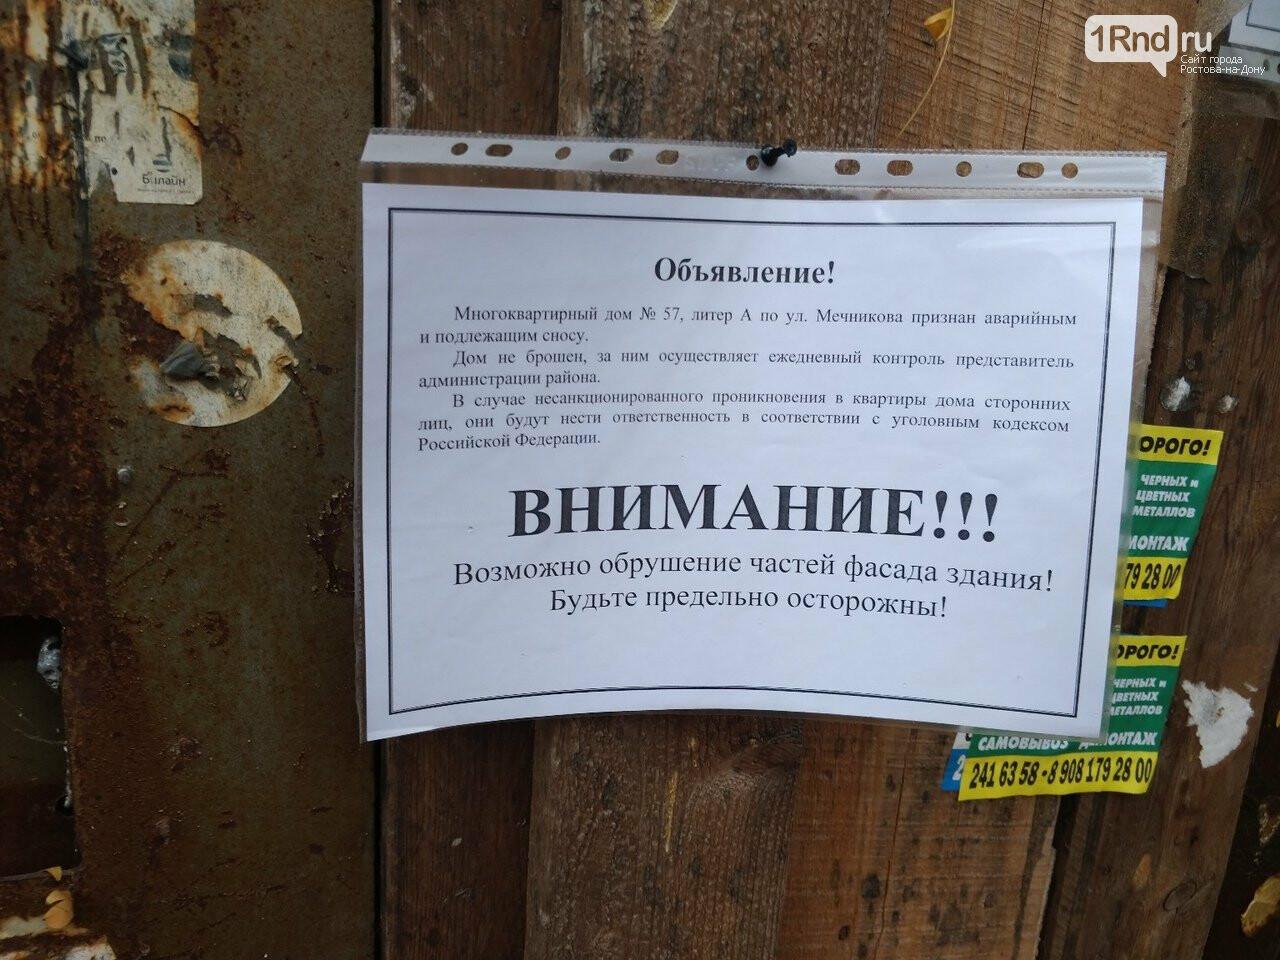 Аварийный дом на Мечникова, 55 за год до пожара, фото - Беседин Андрей // 1rnd